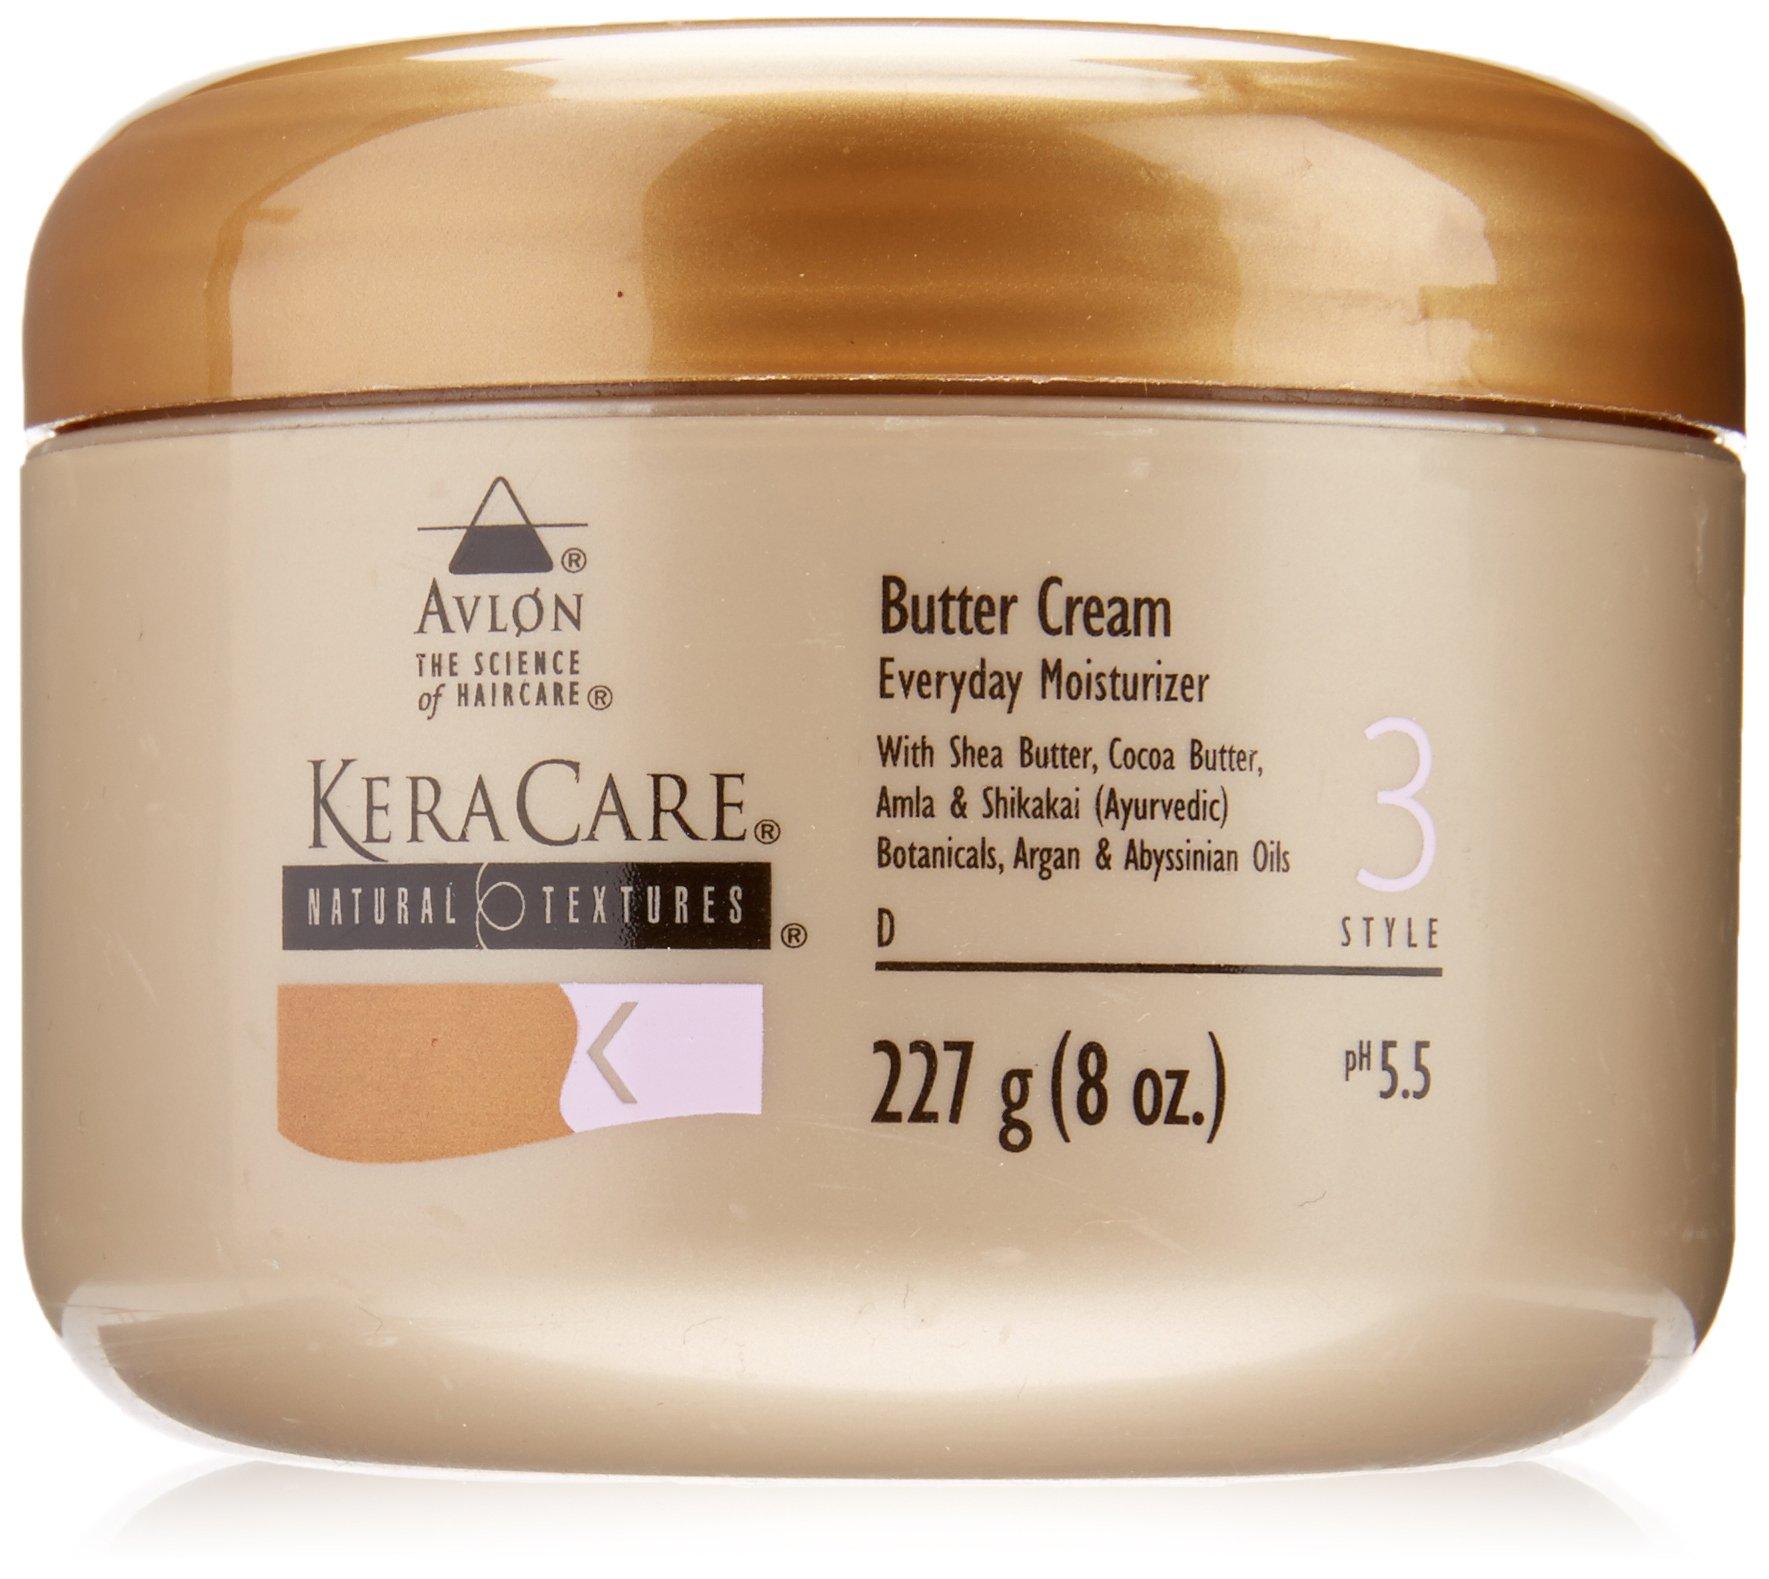 Avlon Keracare Natural Texture Butter Cream, 8 Ounce